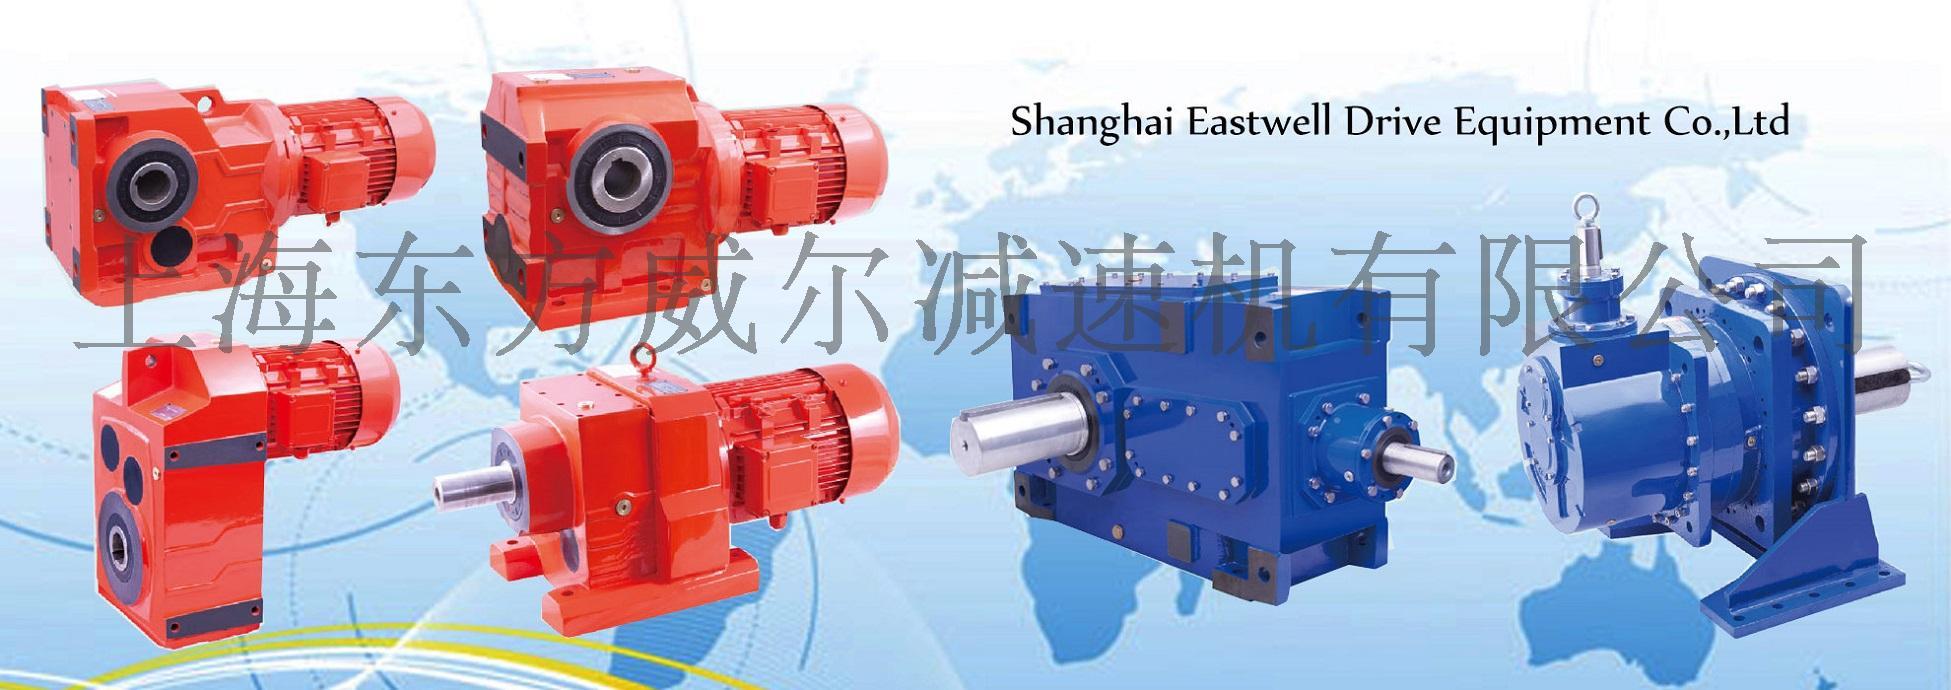 上海东方威尔减速机有限公司